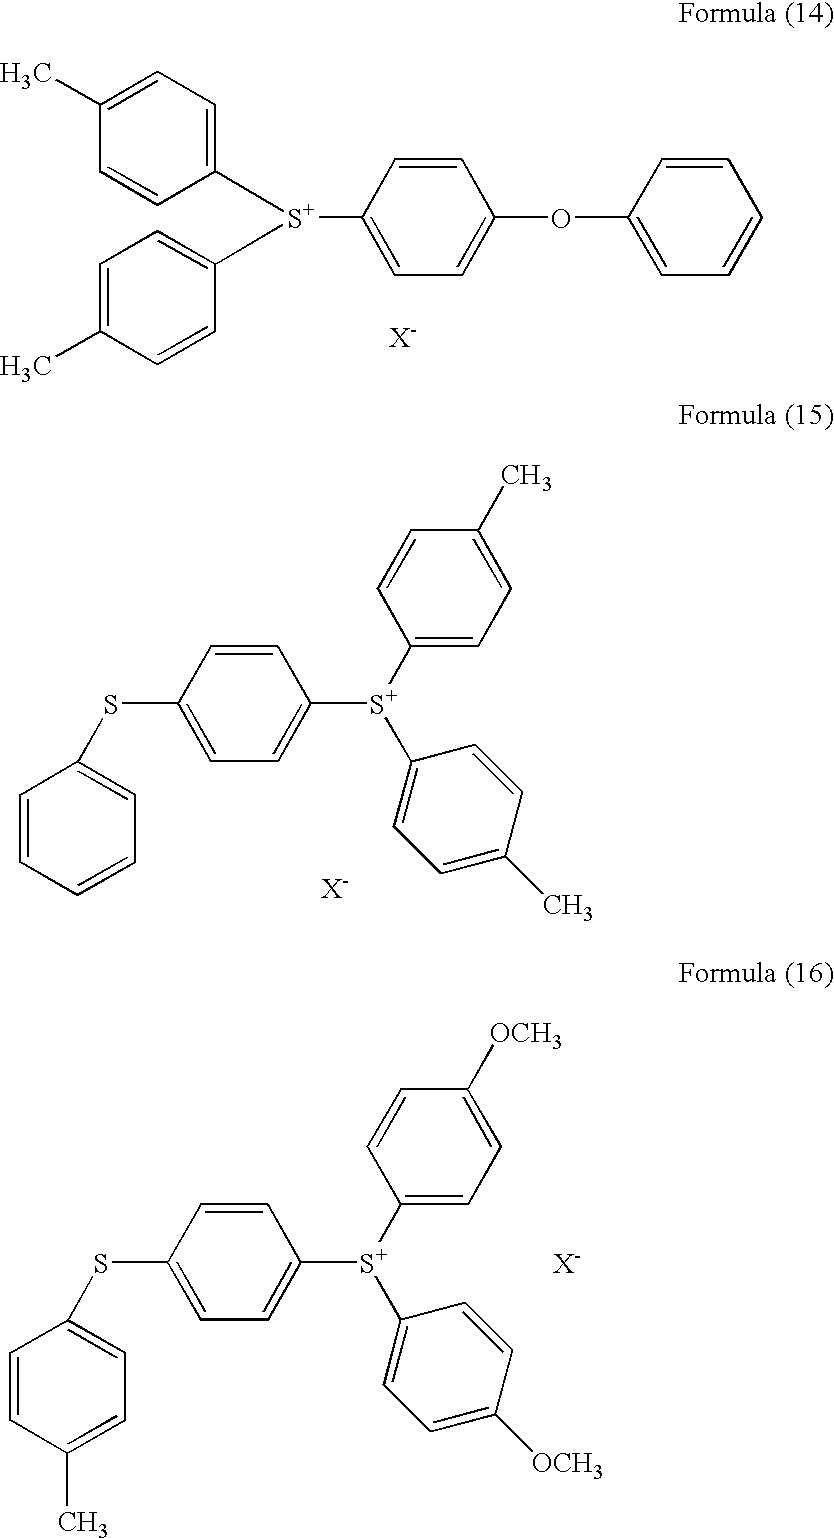 Figure US20040167315A1-20040826-C00021